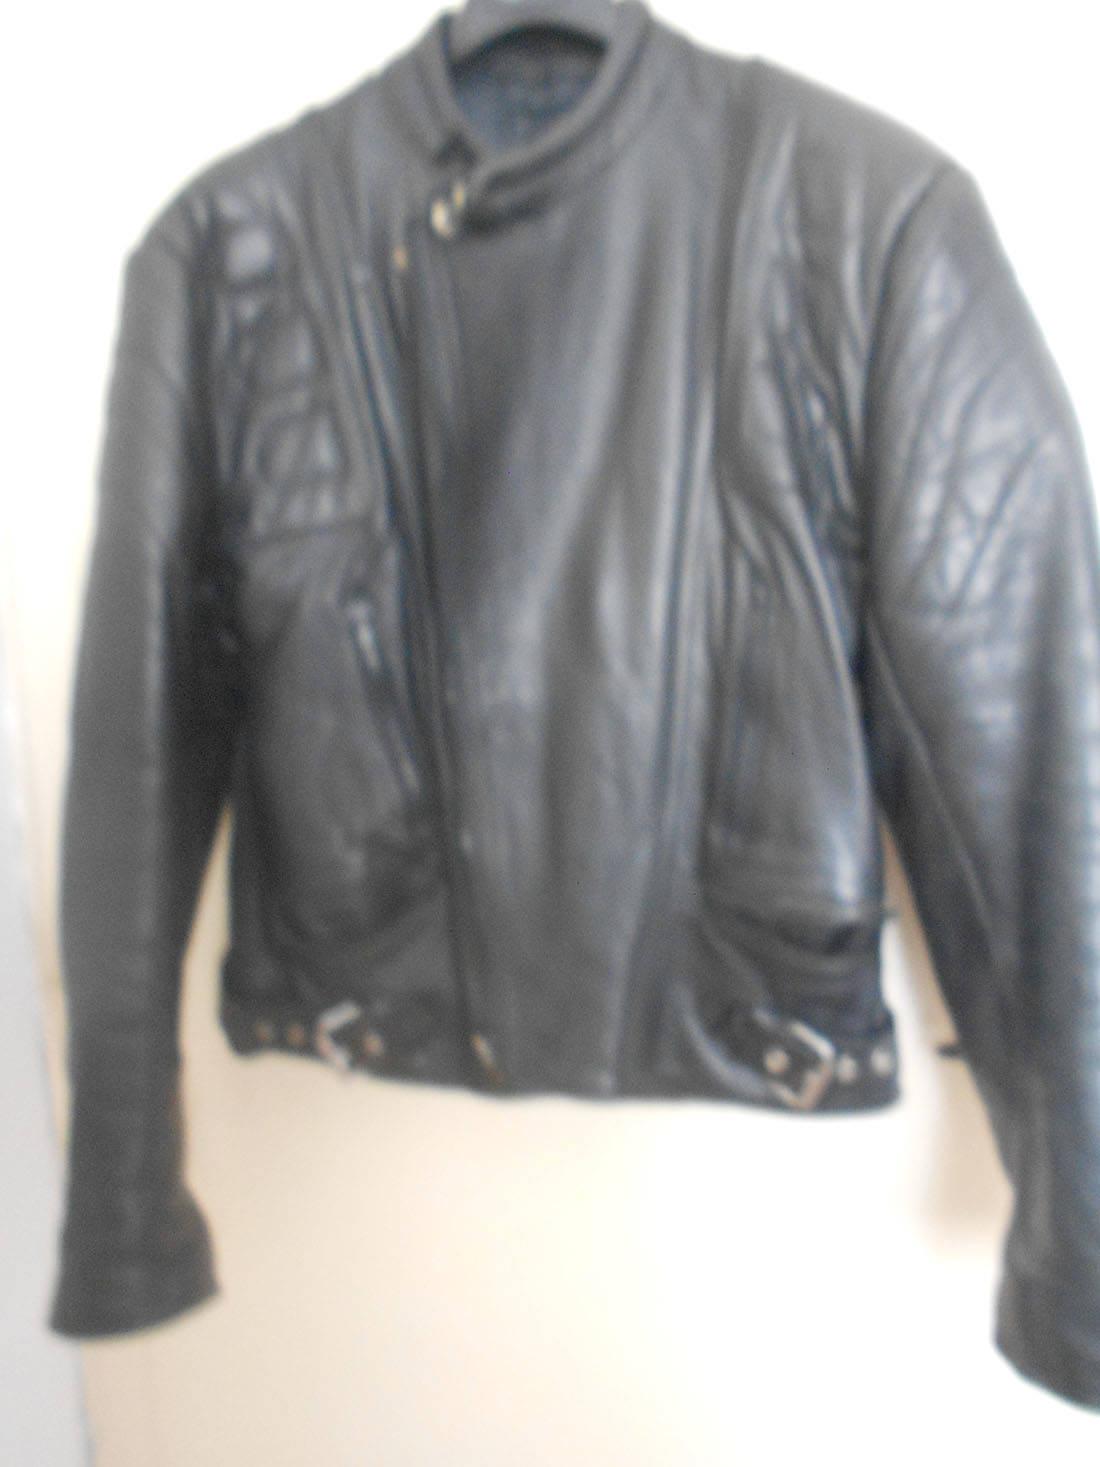 Mono de piel negro vintage  en buen estado divisible  - Foto 2